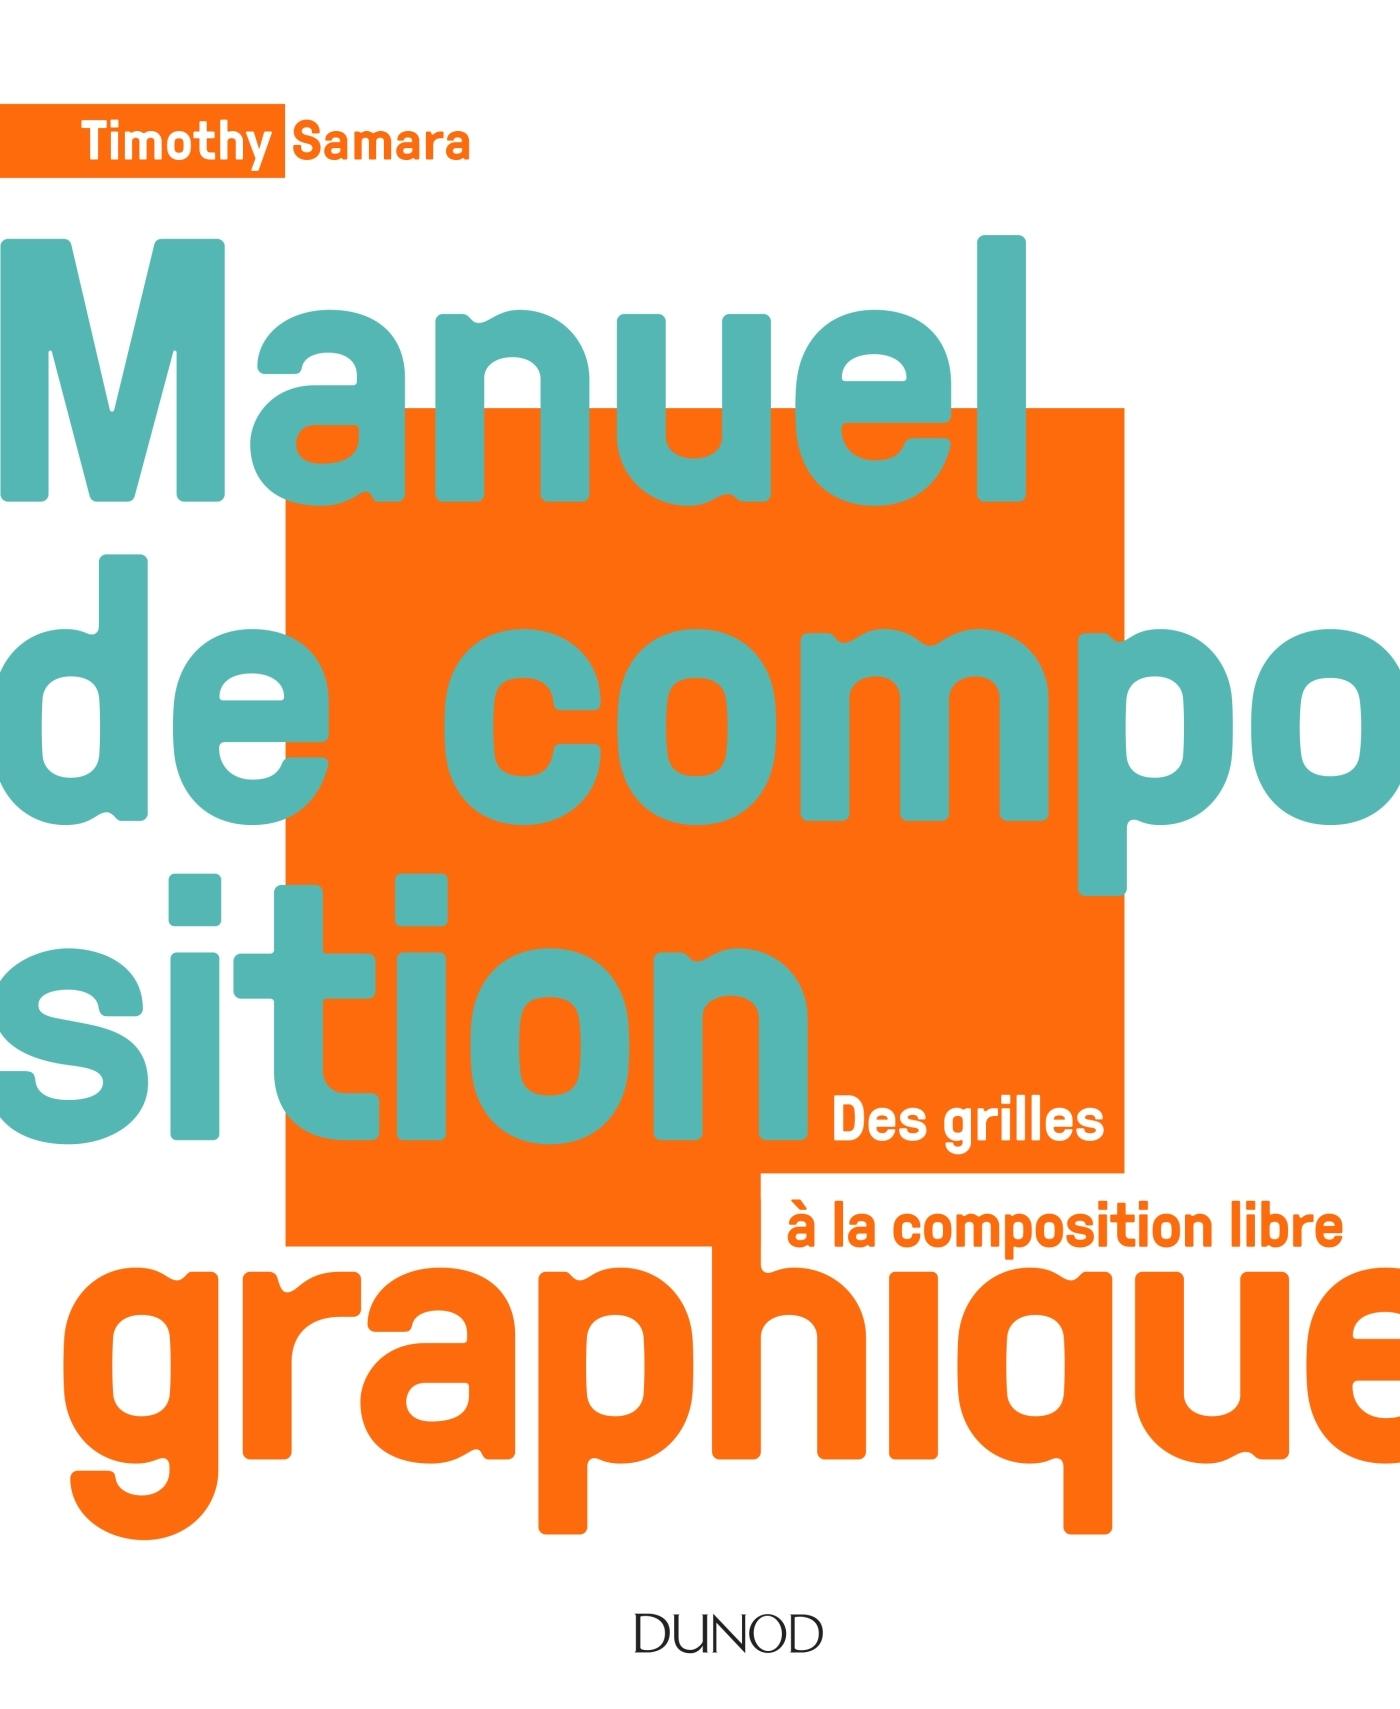 MANUEL DE COMPOSITION GRAPHIQUE - DES GRILLES A LA COMPOSITION LIBRE